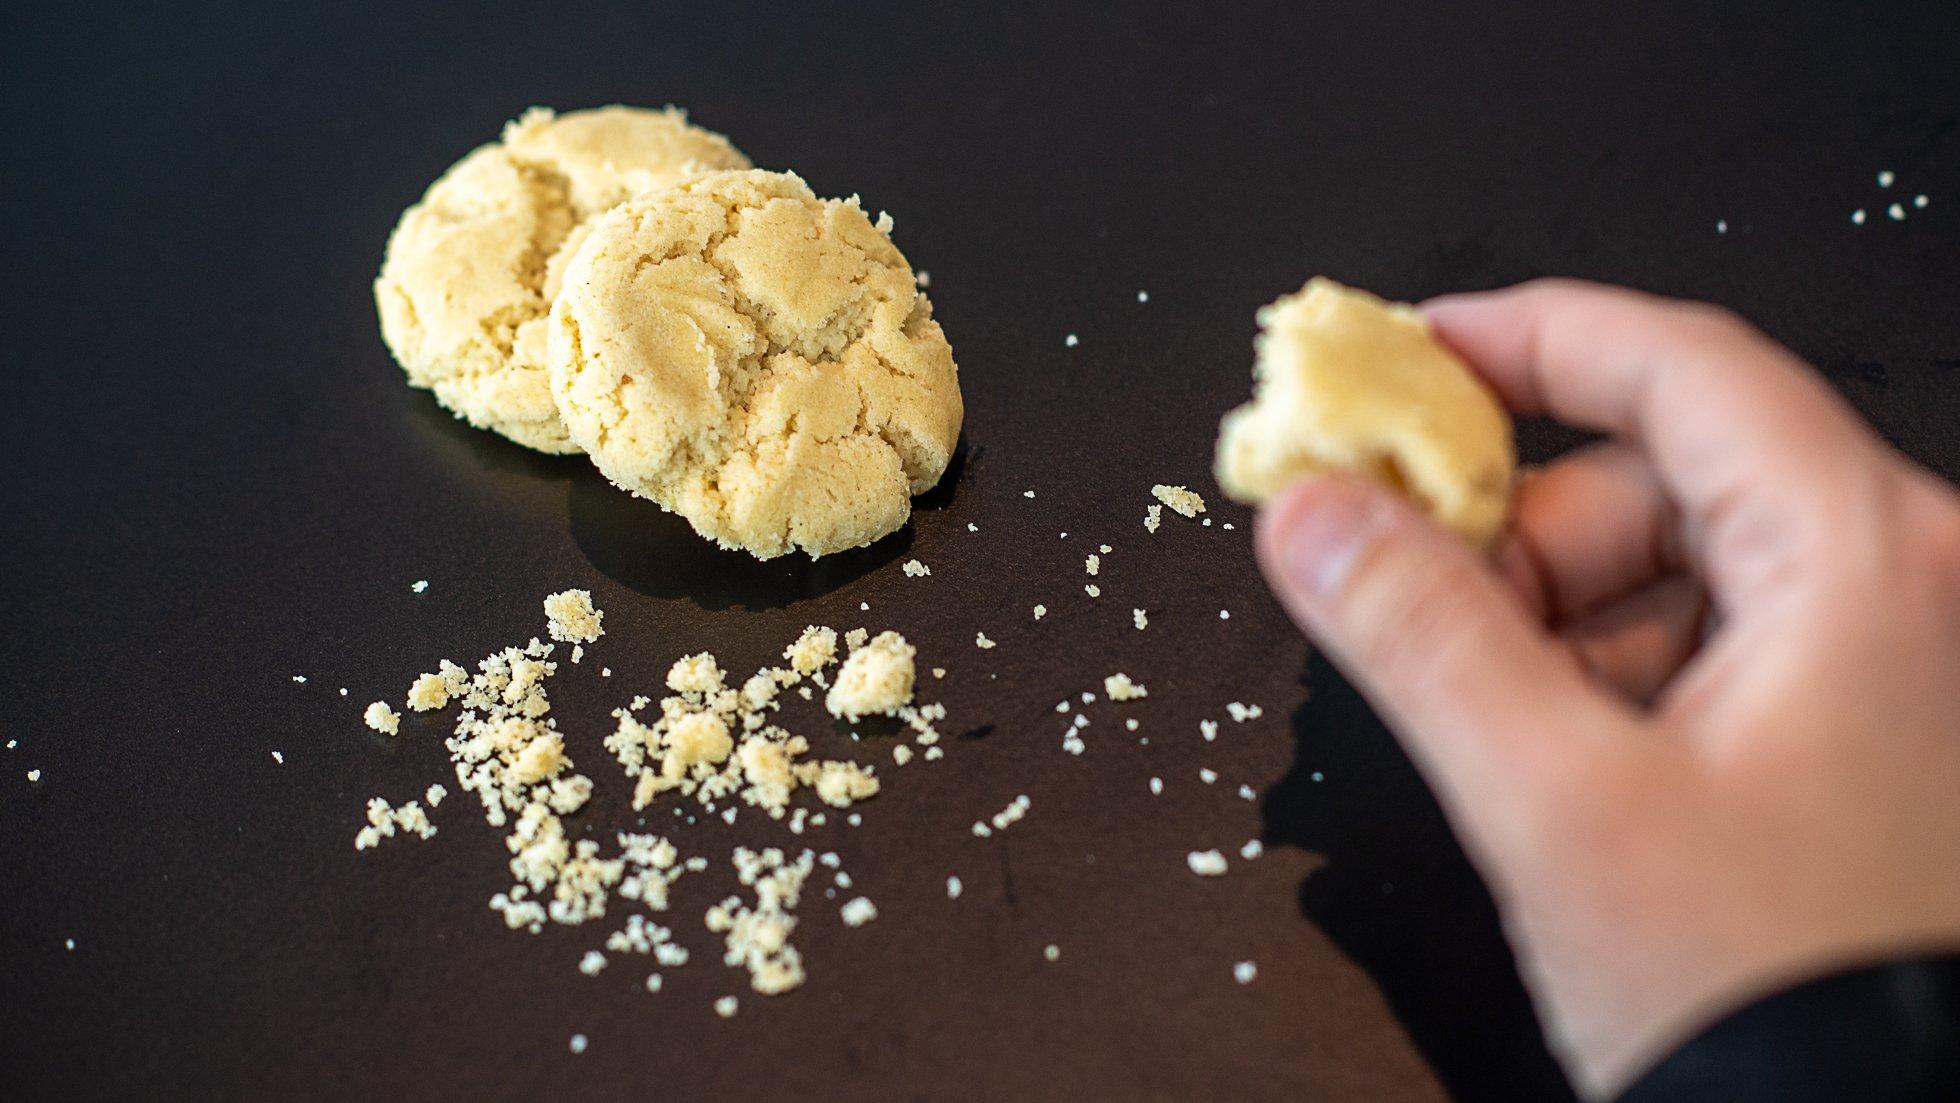 kakor och en hand